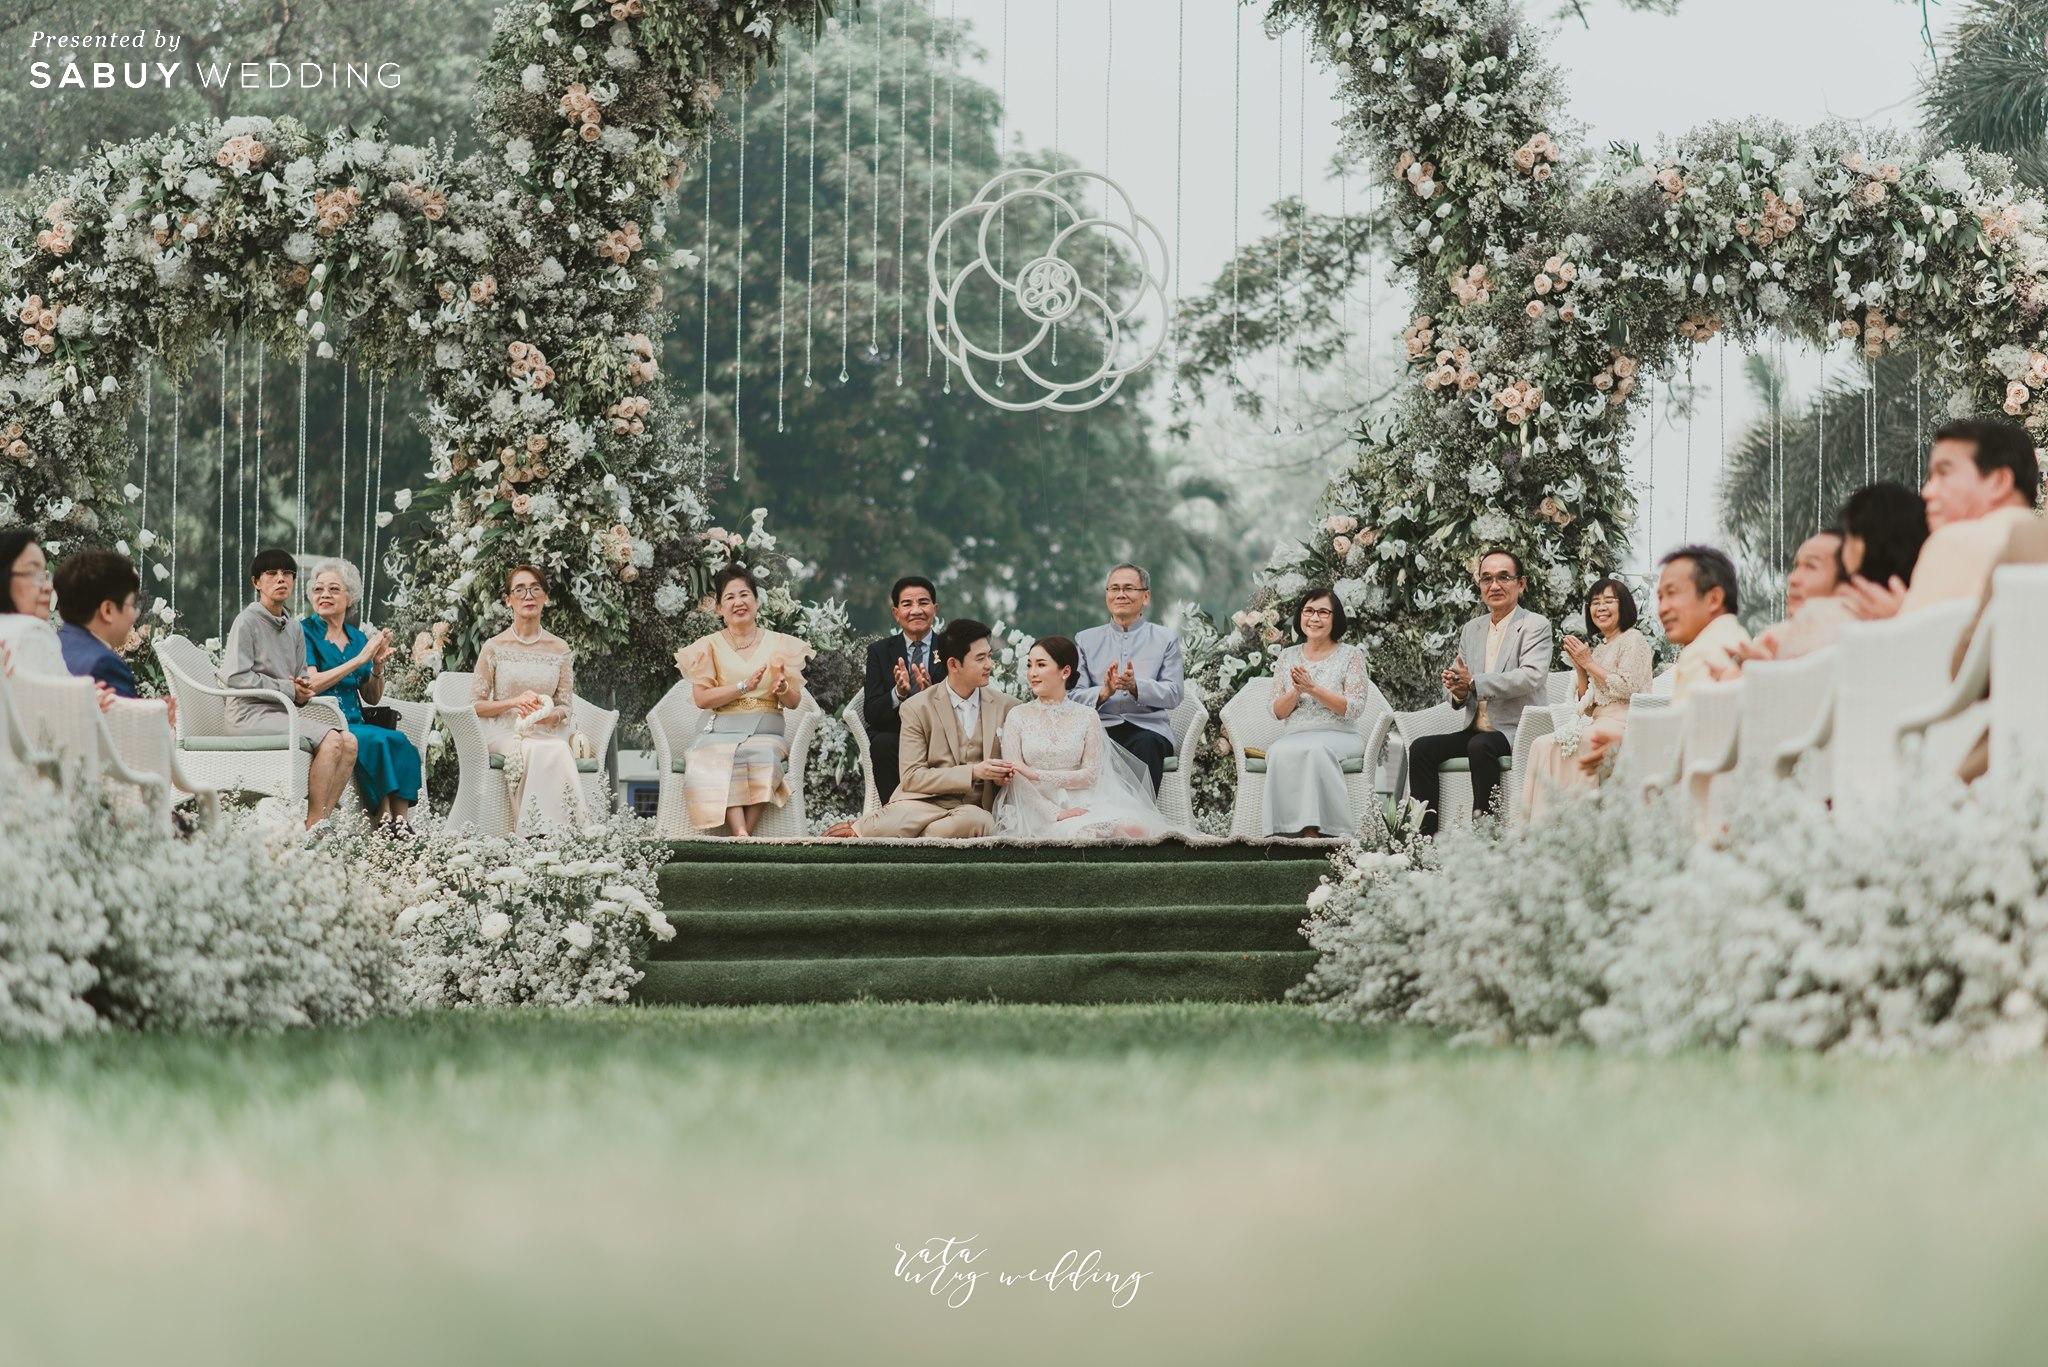 เจ้าสาว,เจ้าบ่าว,แต่งงาน รีวิวงานแต่งสวนสวยละมุนใจ บรรยากาศโรแมนติก @ Le coq d'or Chiangmai